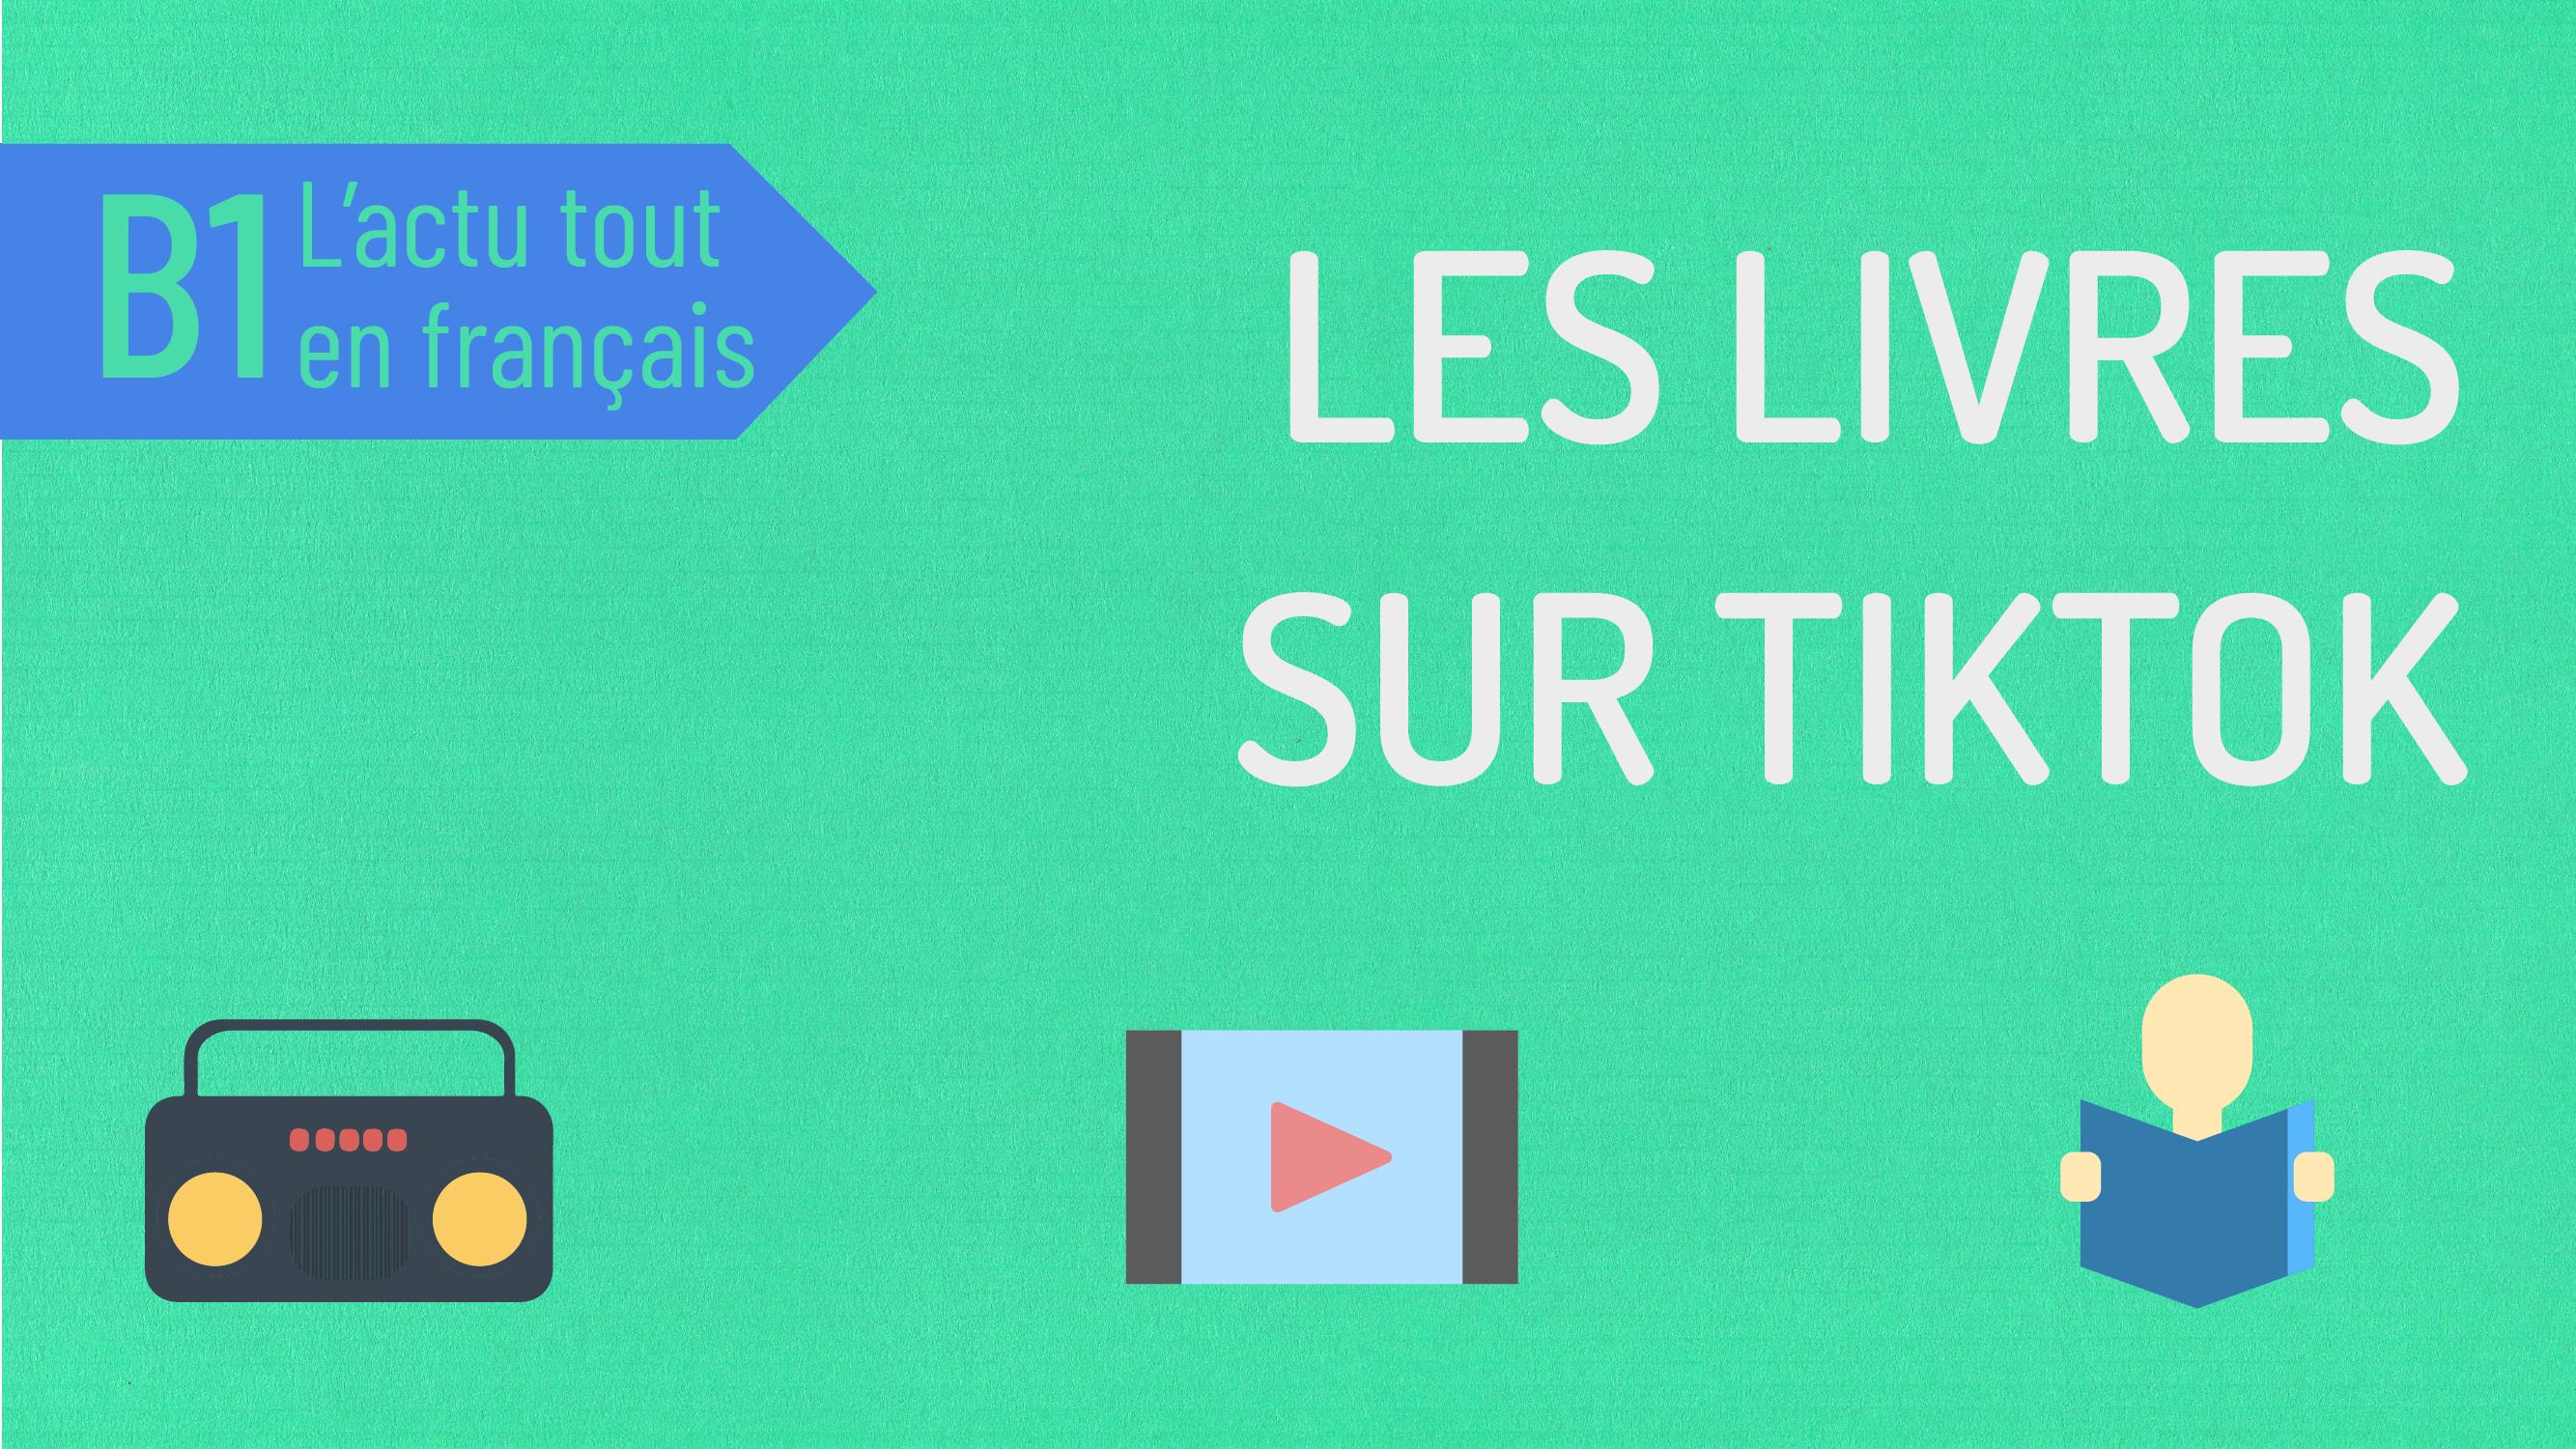 L'actu tout en français #43 Les livres sur TikTok